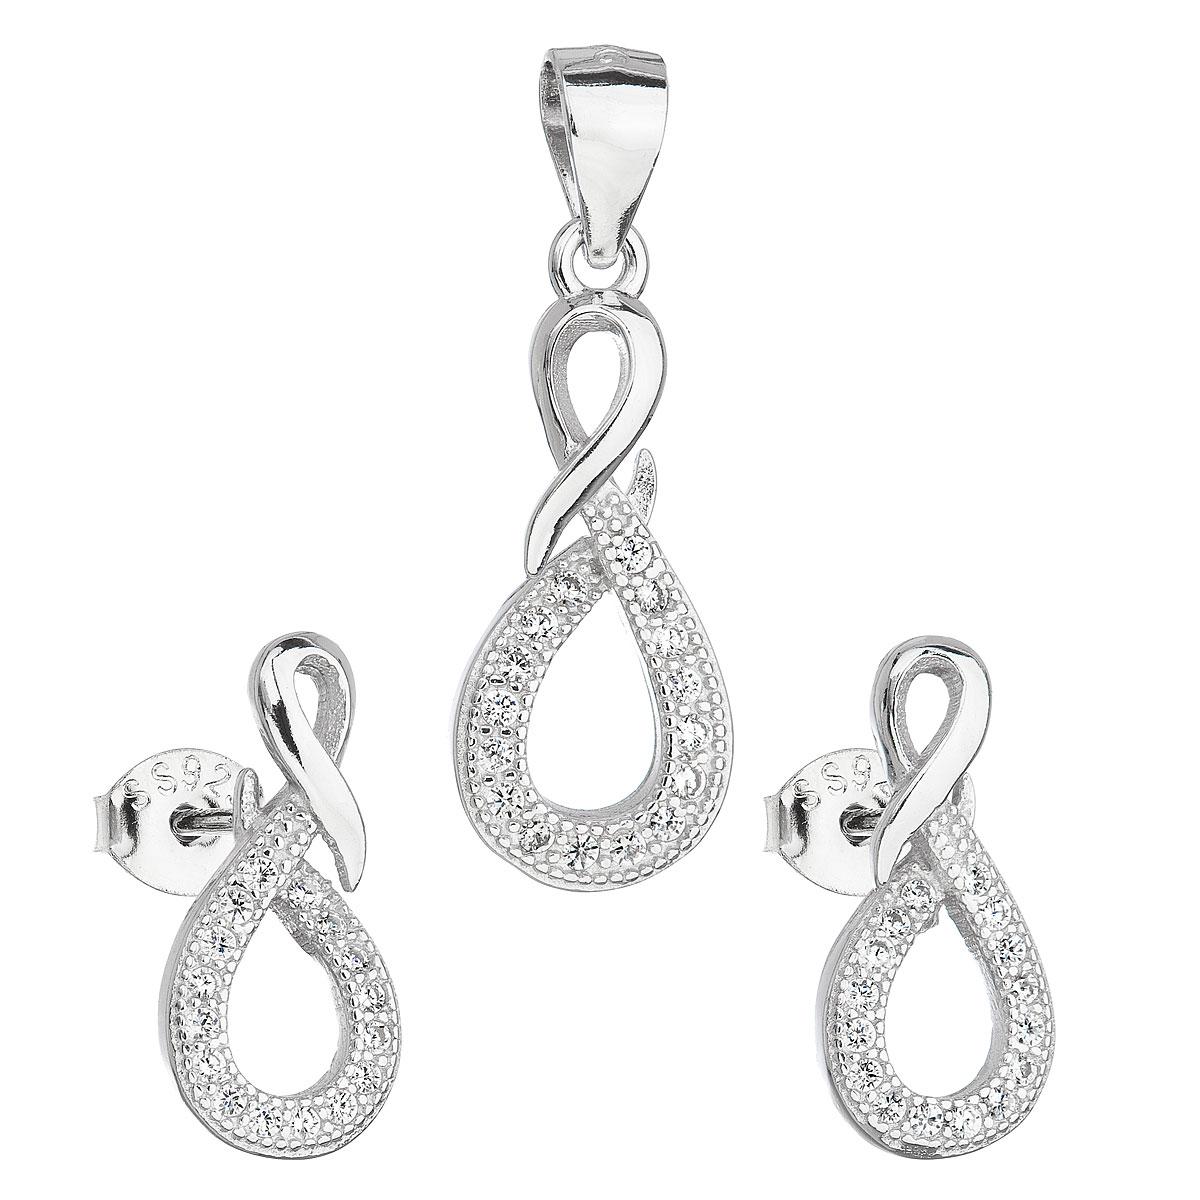 Sada šperkov so zirkónom v bielej farbe náušnice a prívesok 19012.1